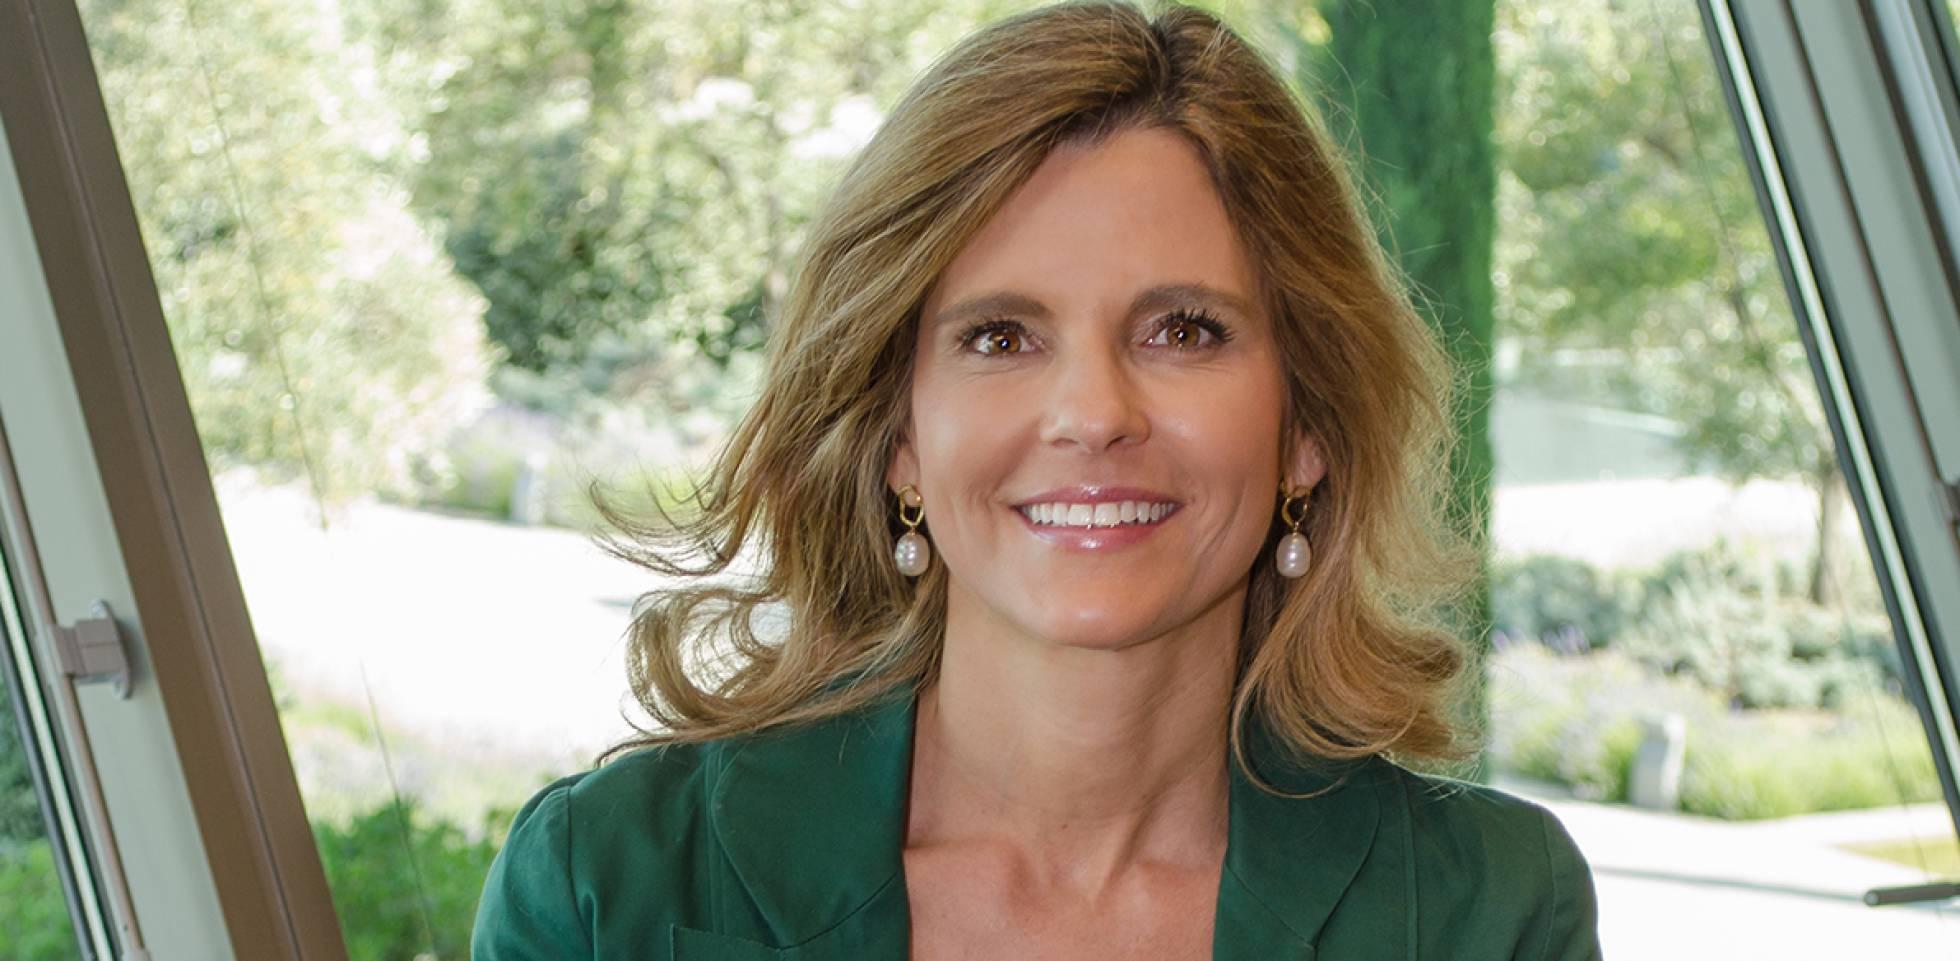 Mónica López-Monís y otros nombramientos de la semana